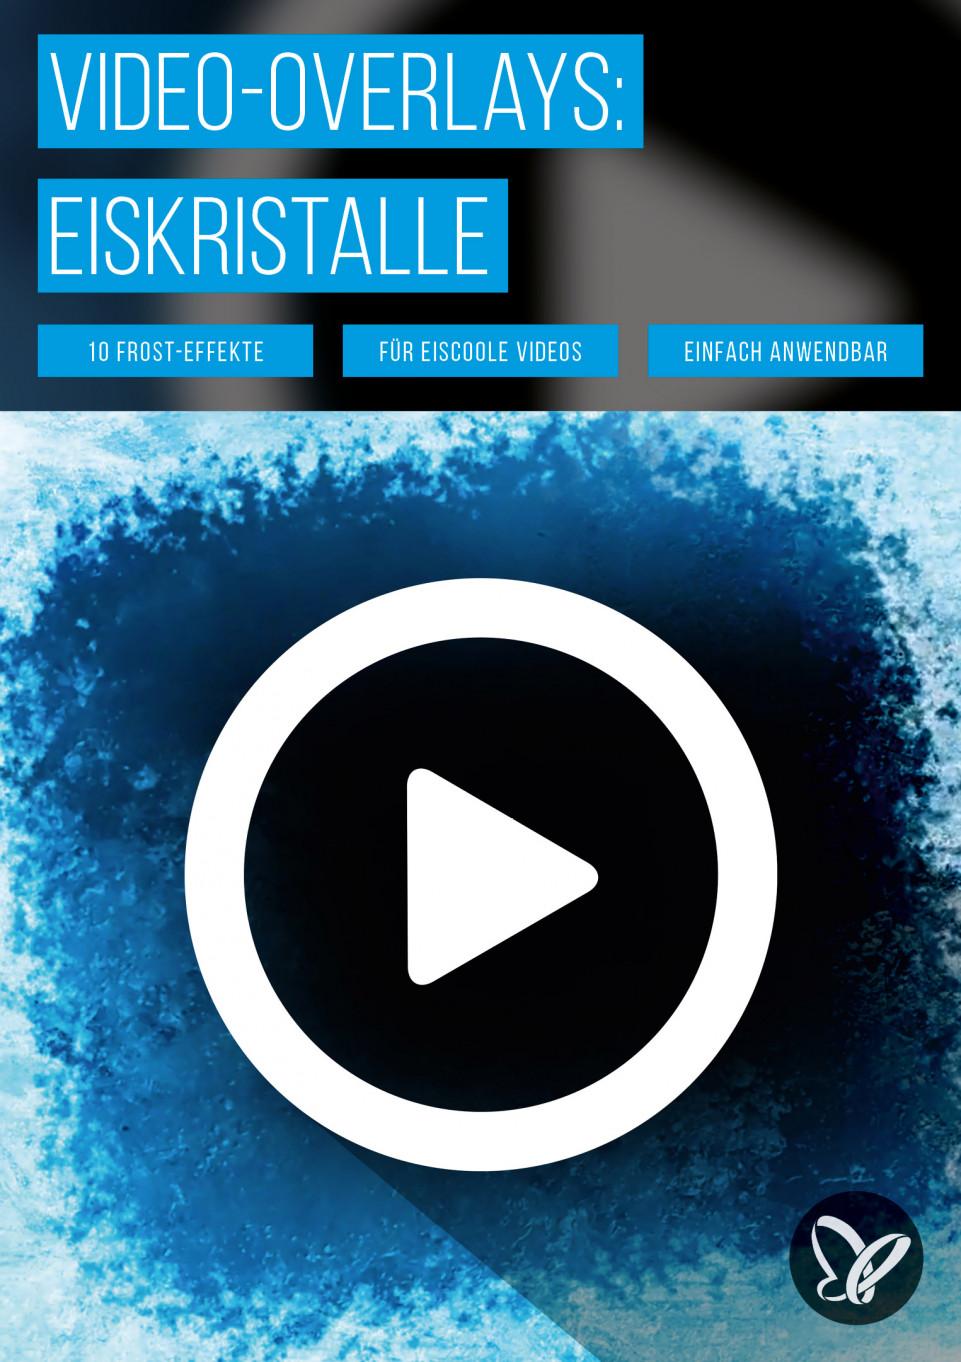 Freezing Ice – frostige Video-Animationen mit wachsenden Eiskristallen in 4K-Qualität